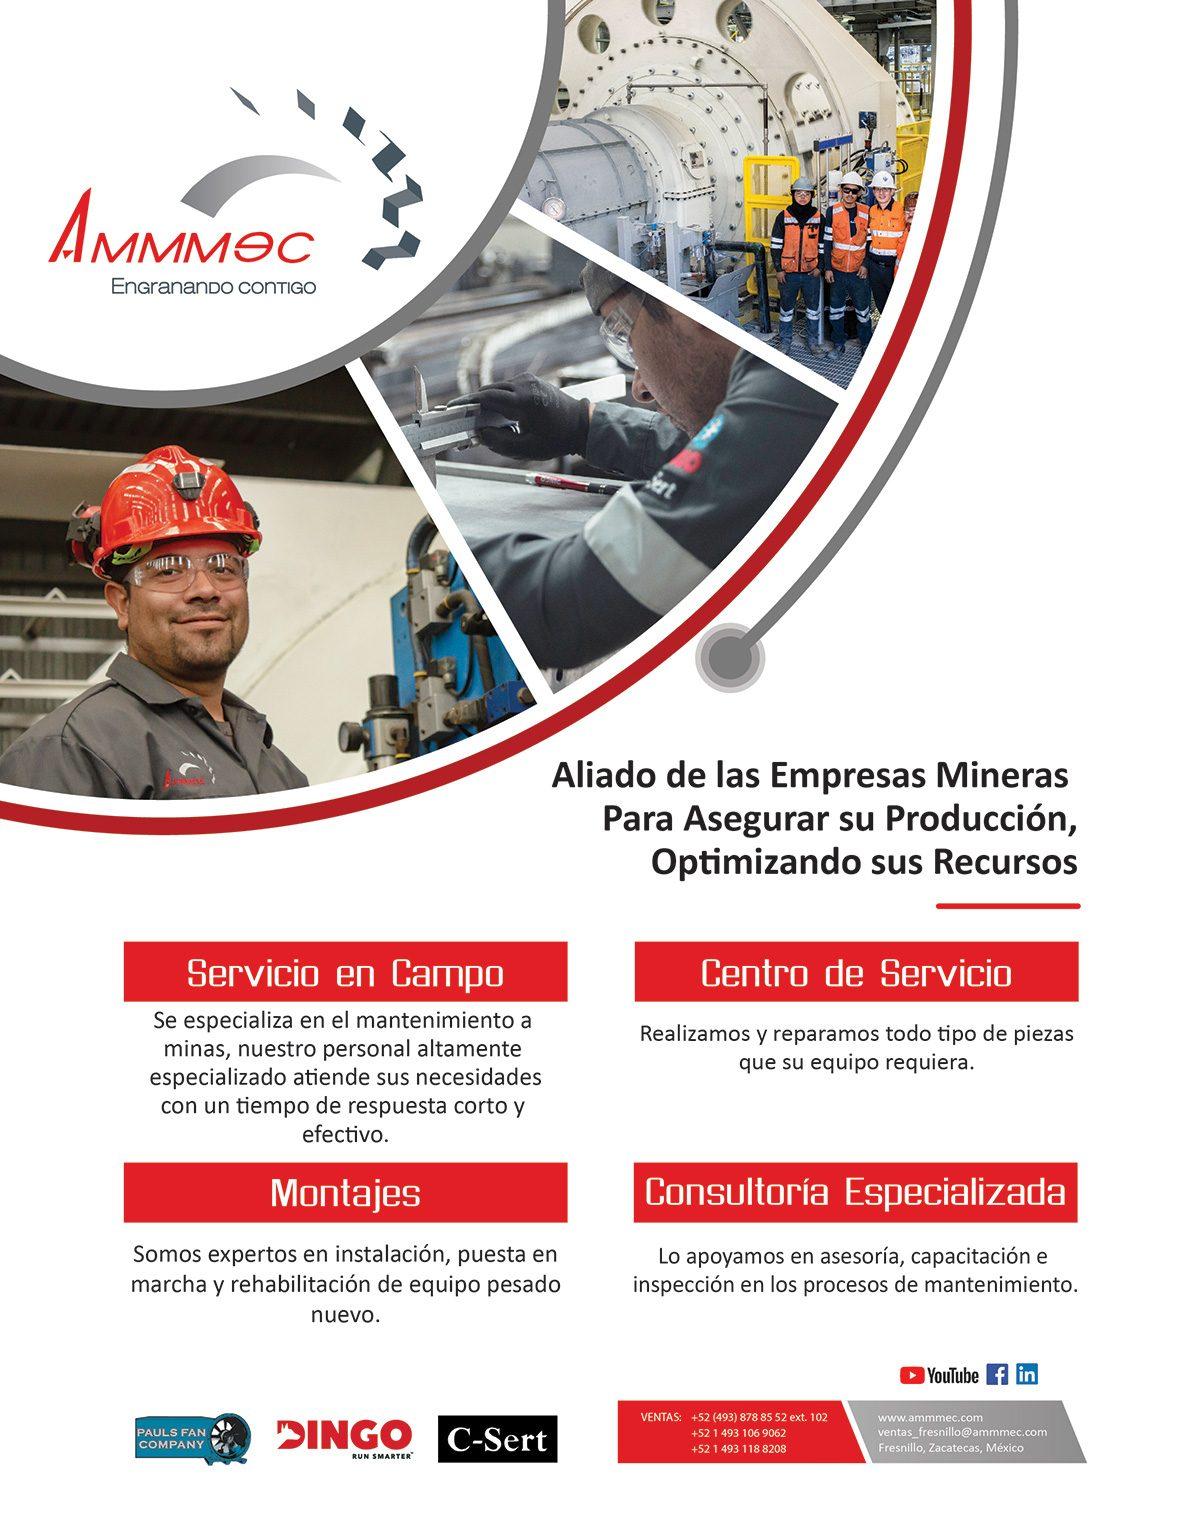 AMMMEC Aliado de las empresas mineras